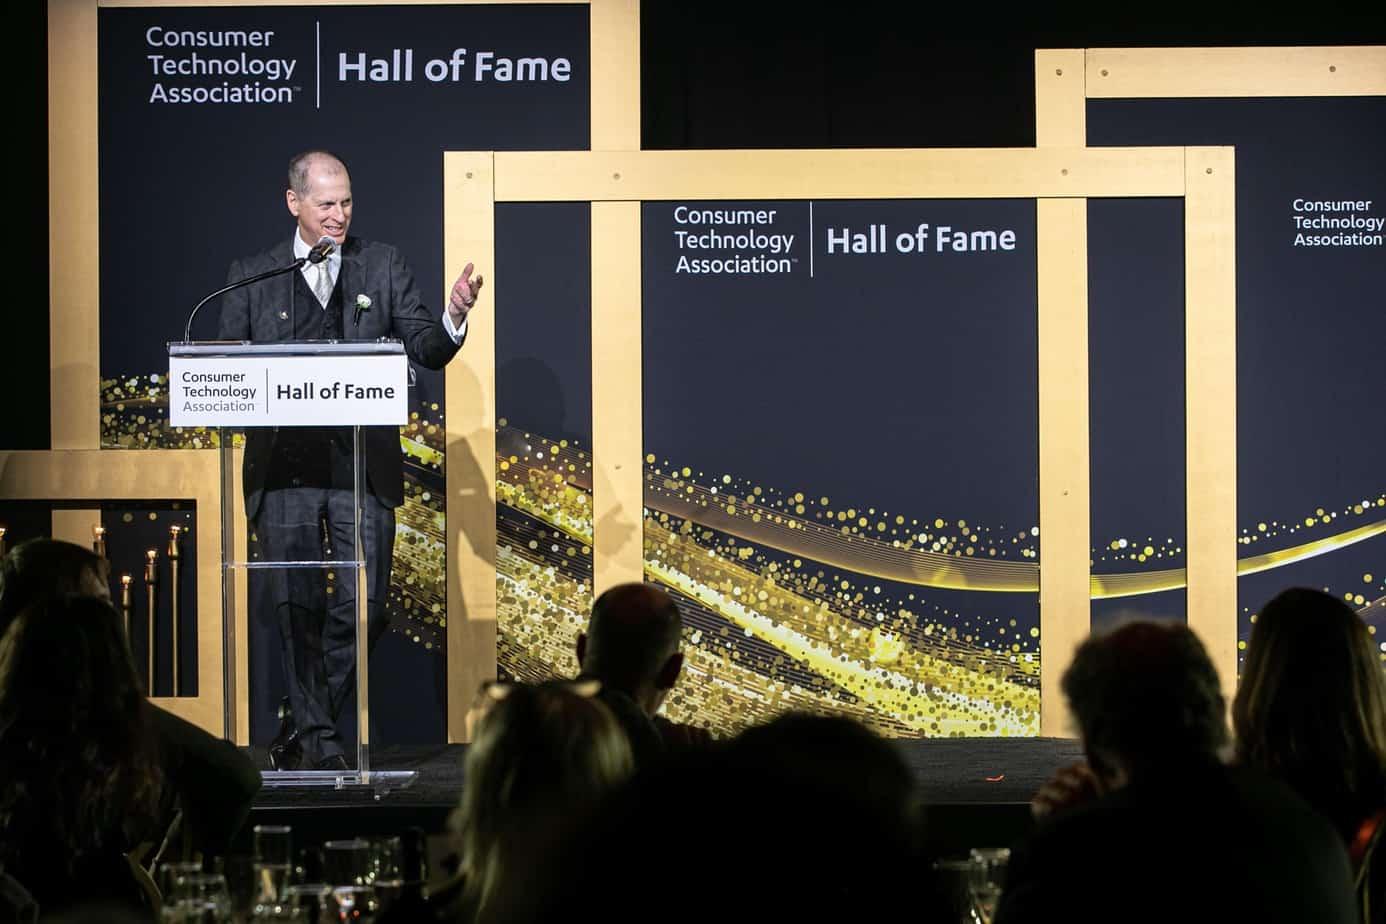 CTA Hall of Fame